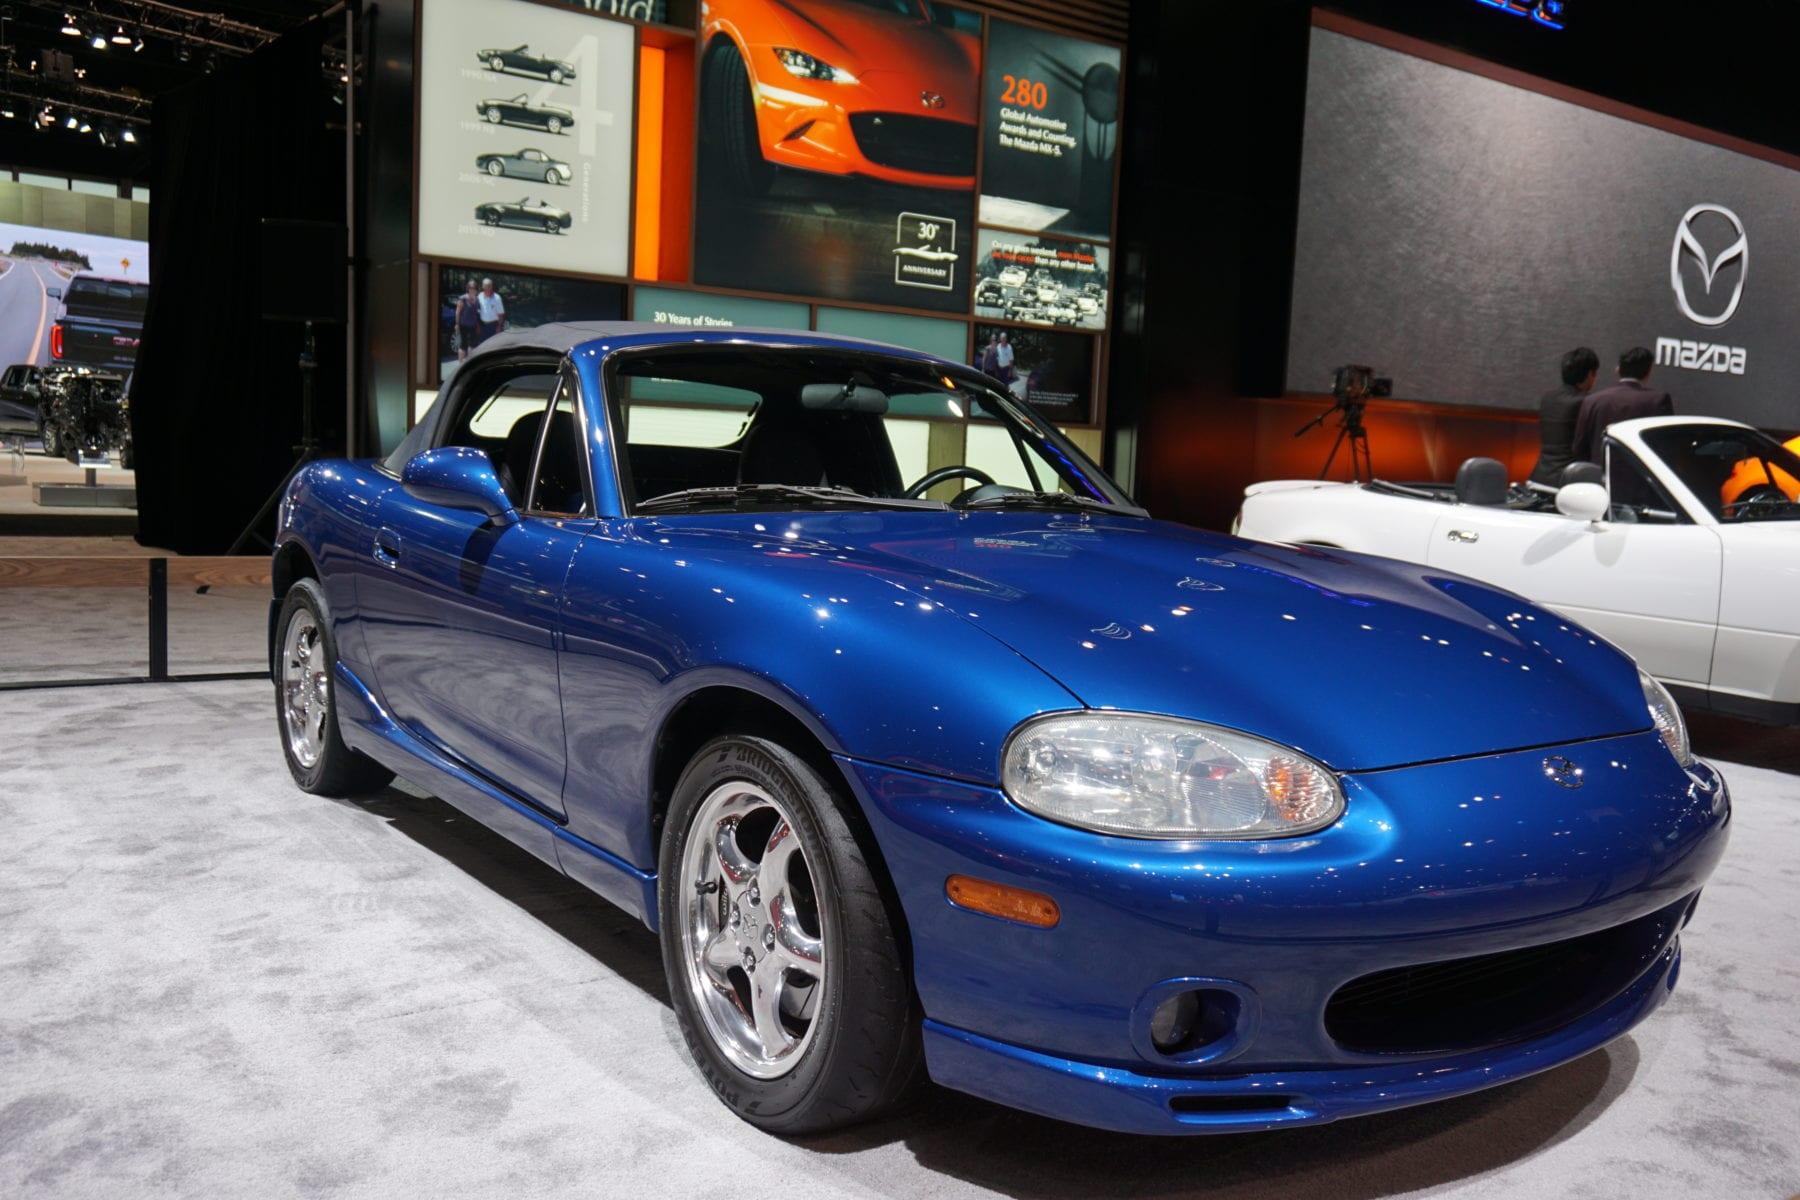 10th anniversary 1999 Mazda mx-5 miata